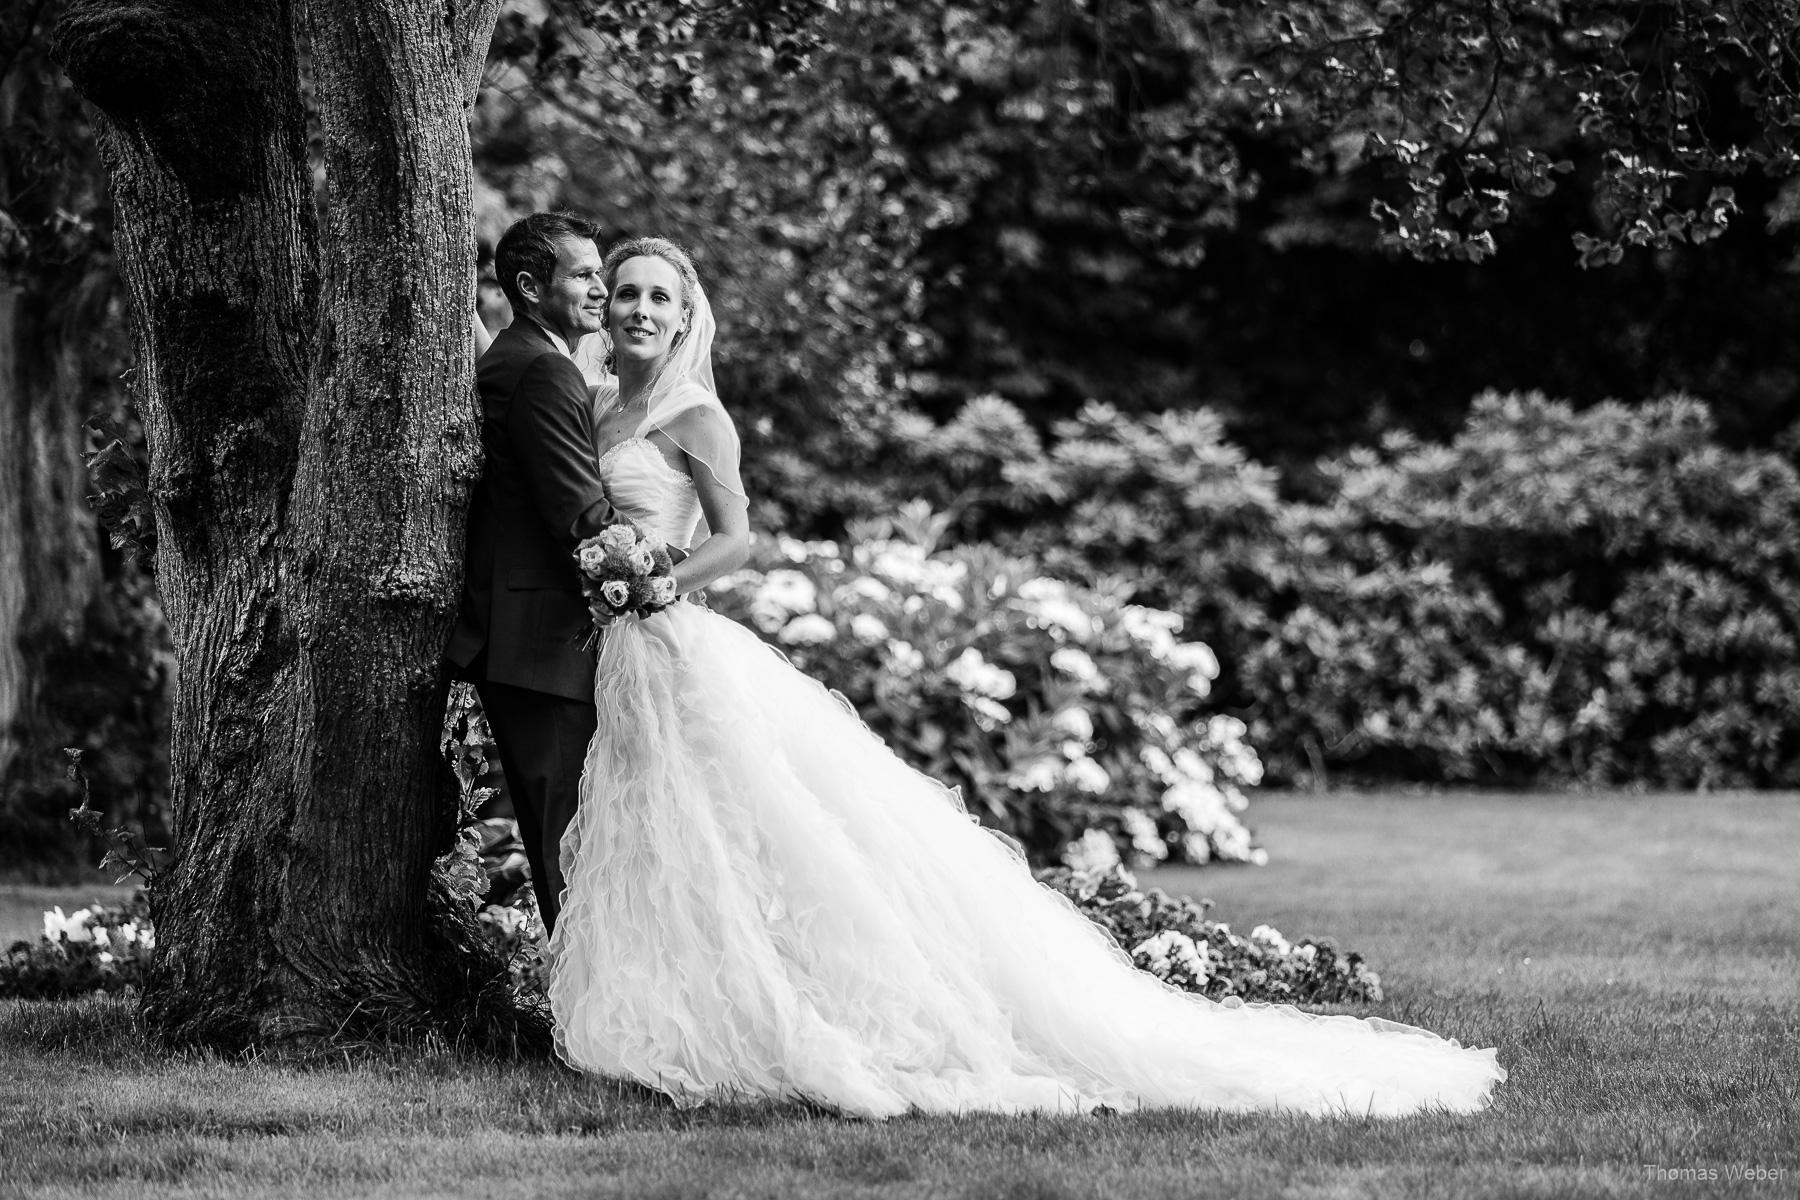 Hochzeitsfotograf auf Wangerooge, Hochzeitsfotos im Park, Hochzeitsfotograf Thomas Weber aus Oldenburg